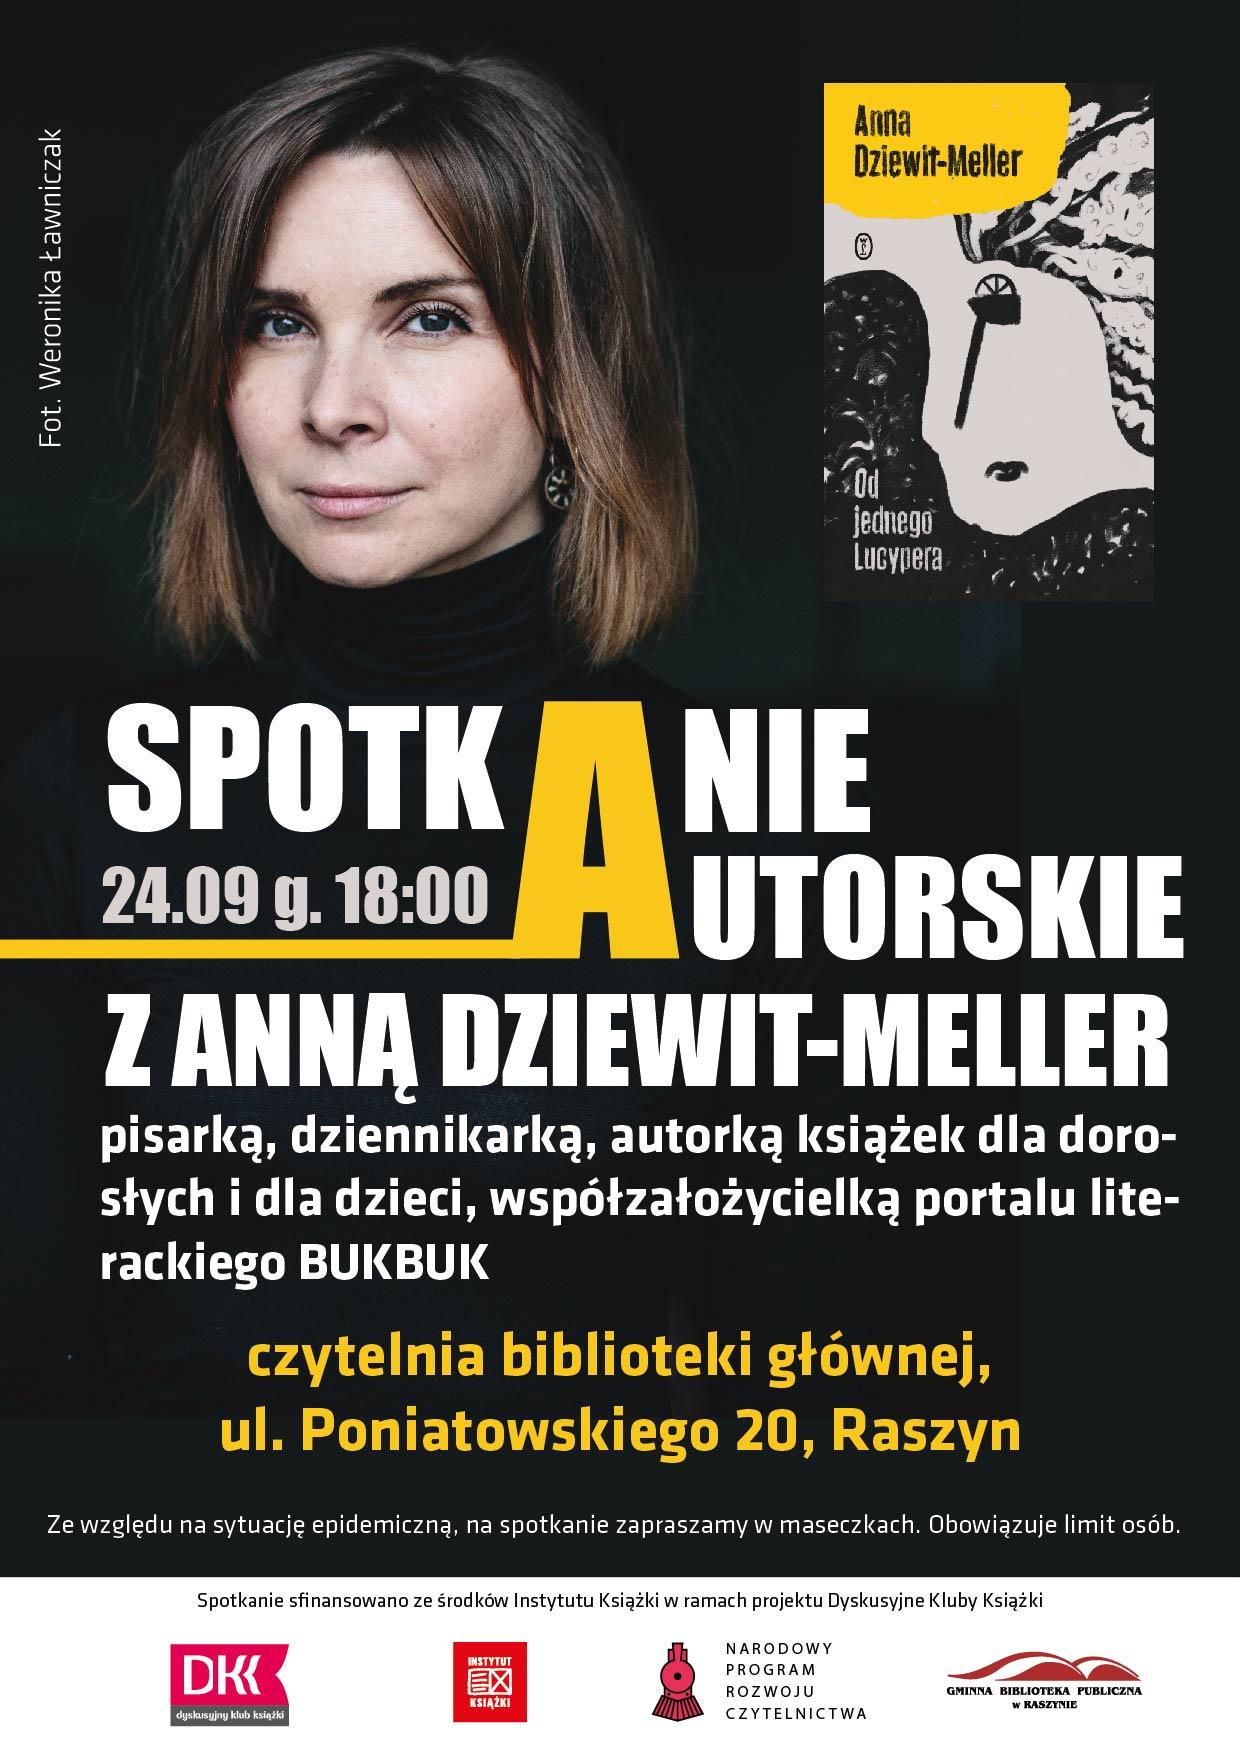 Spotkanie autorskie z Anną Dziewit-Meller - plakat